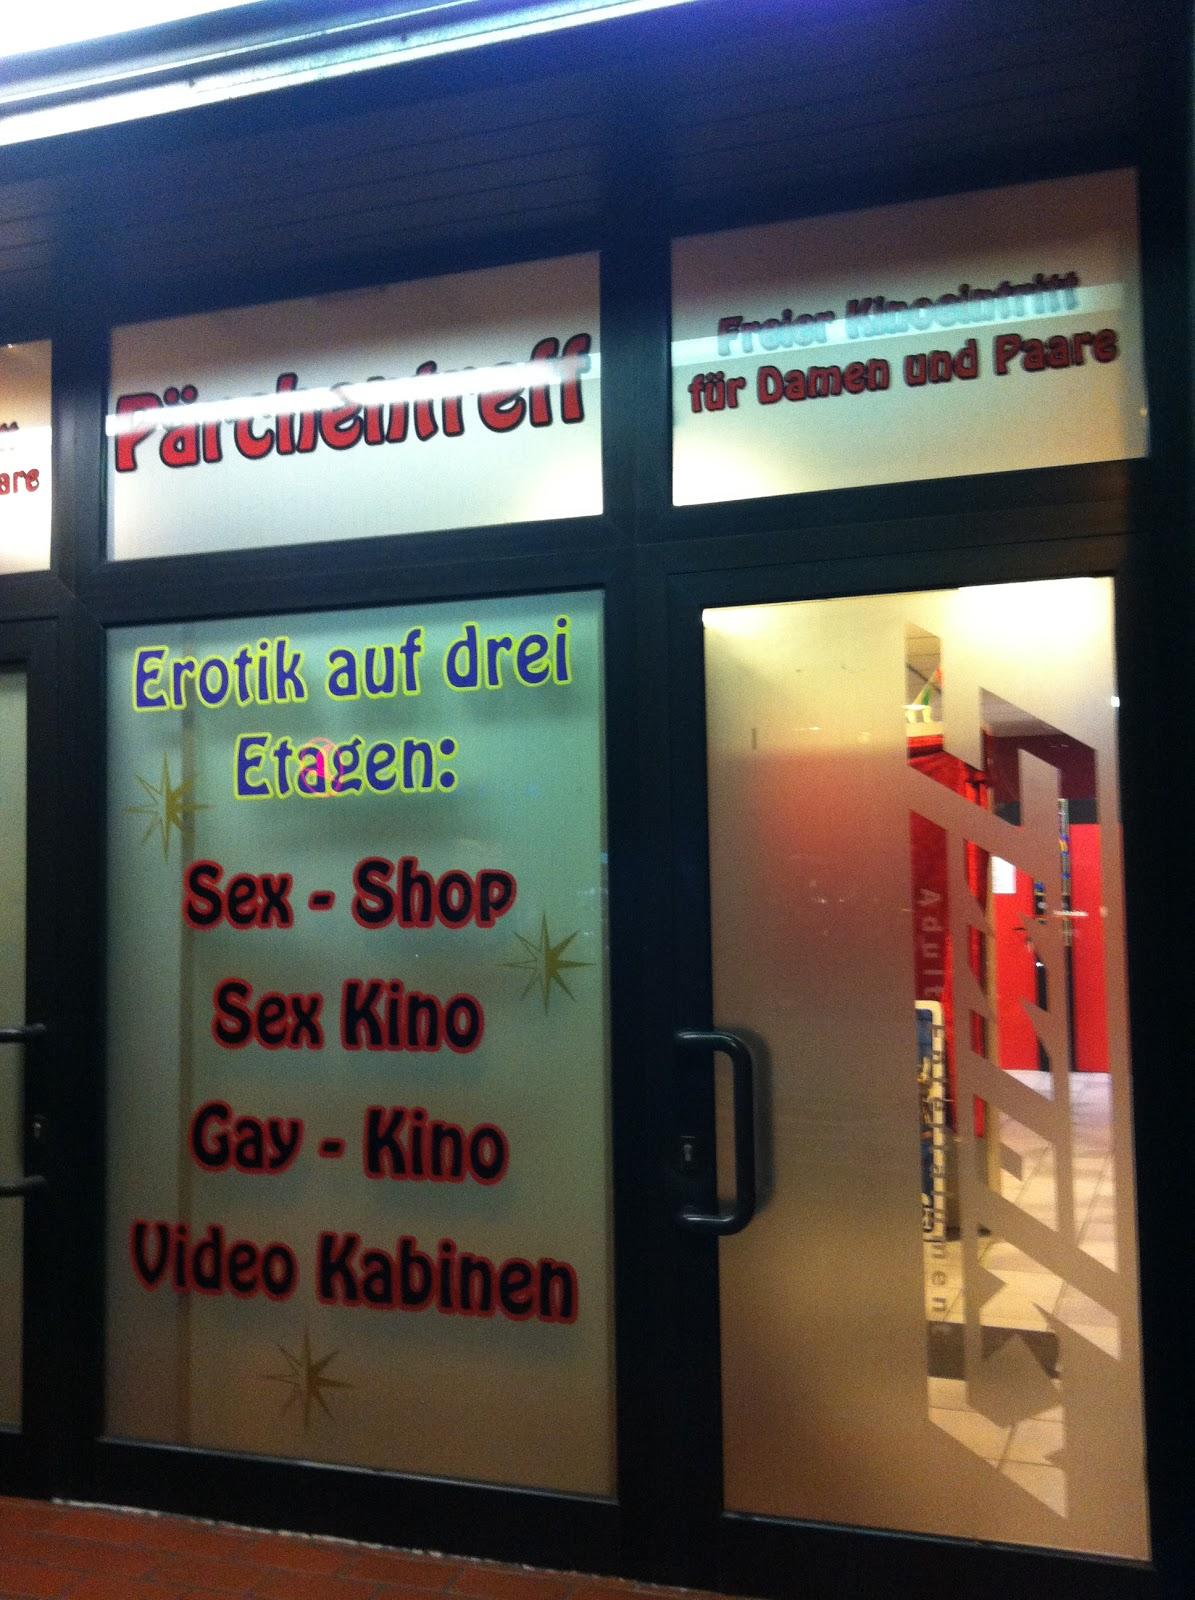 erotikshop mannheim bestes sexspielzeug